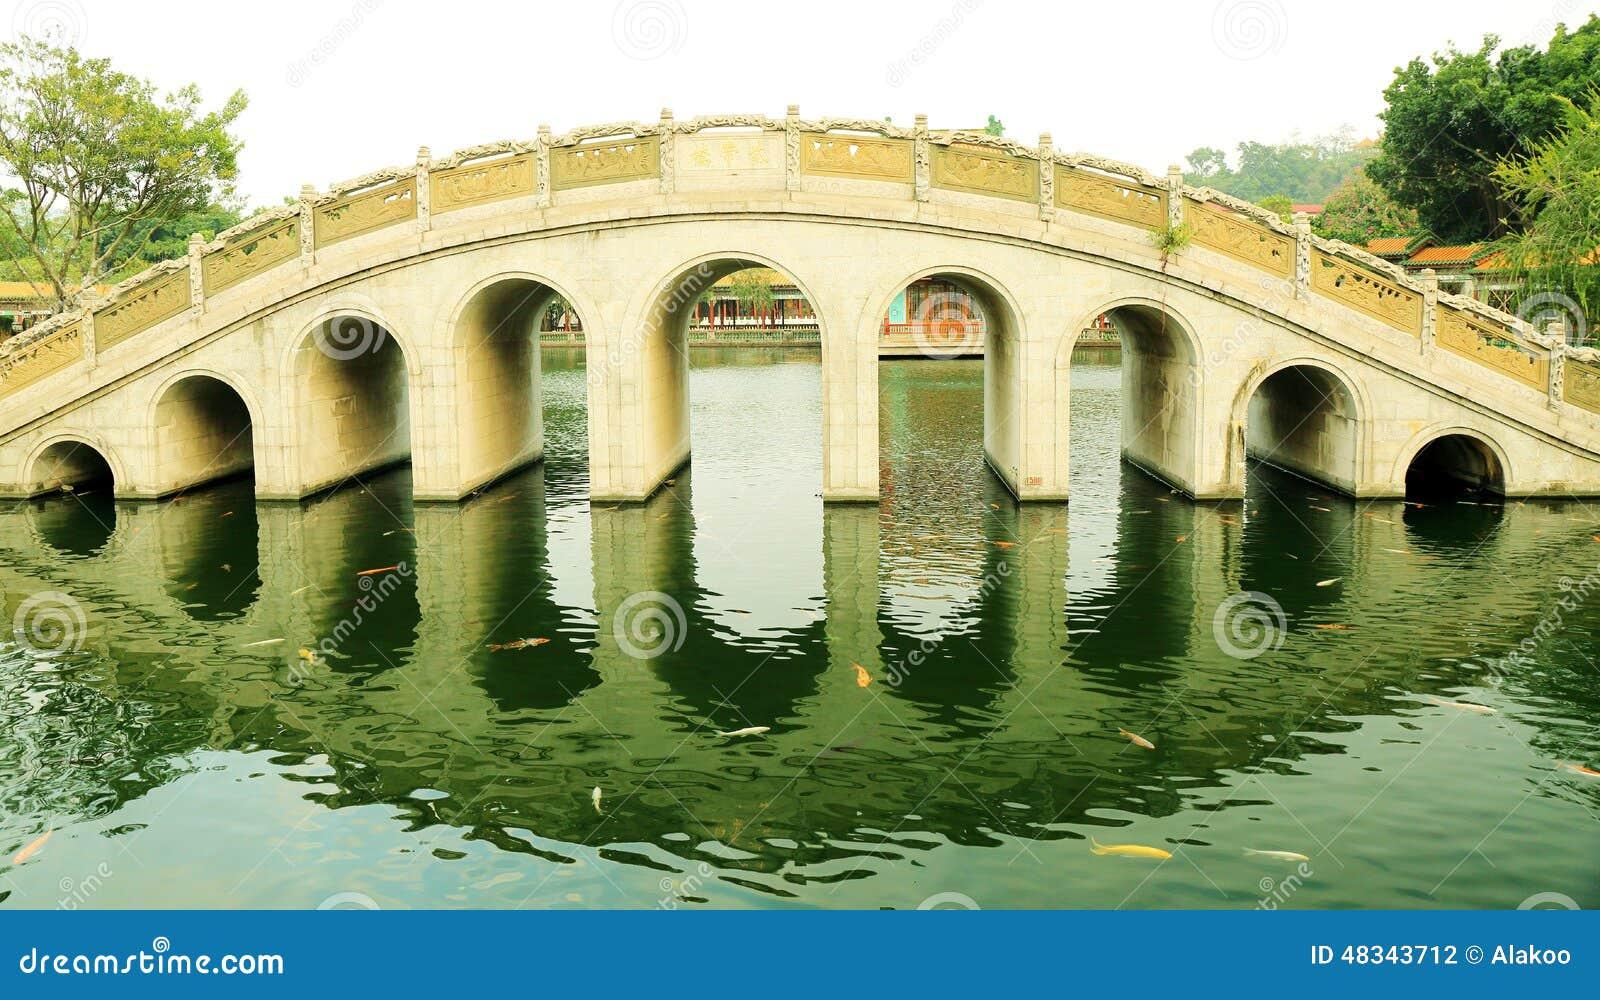 Los chinos tradicionales arquean el puente en el jardín chino antiguo, puente clásico asiático del arco en China